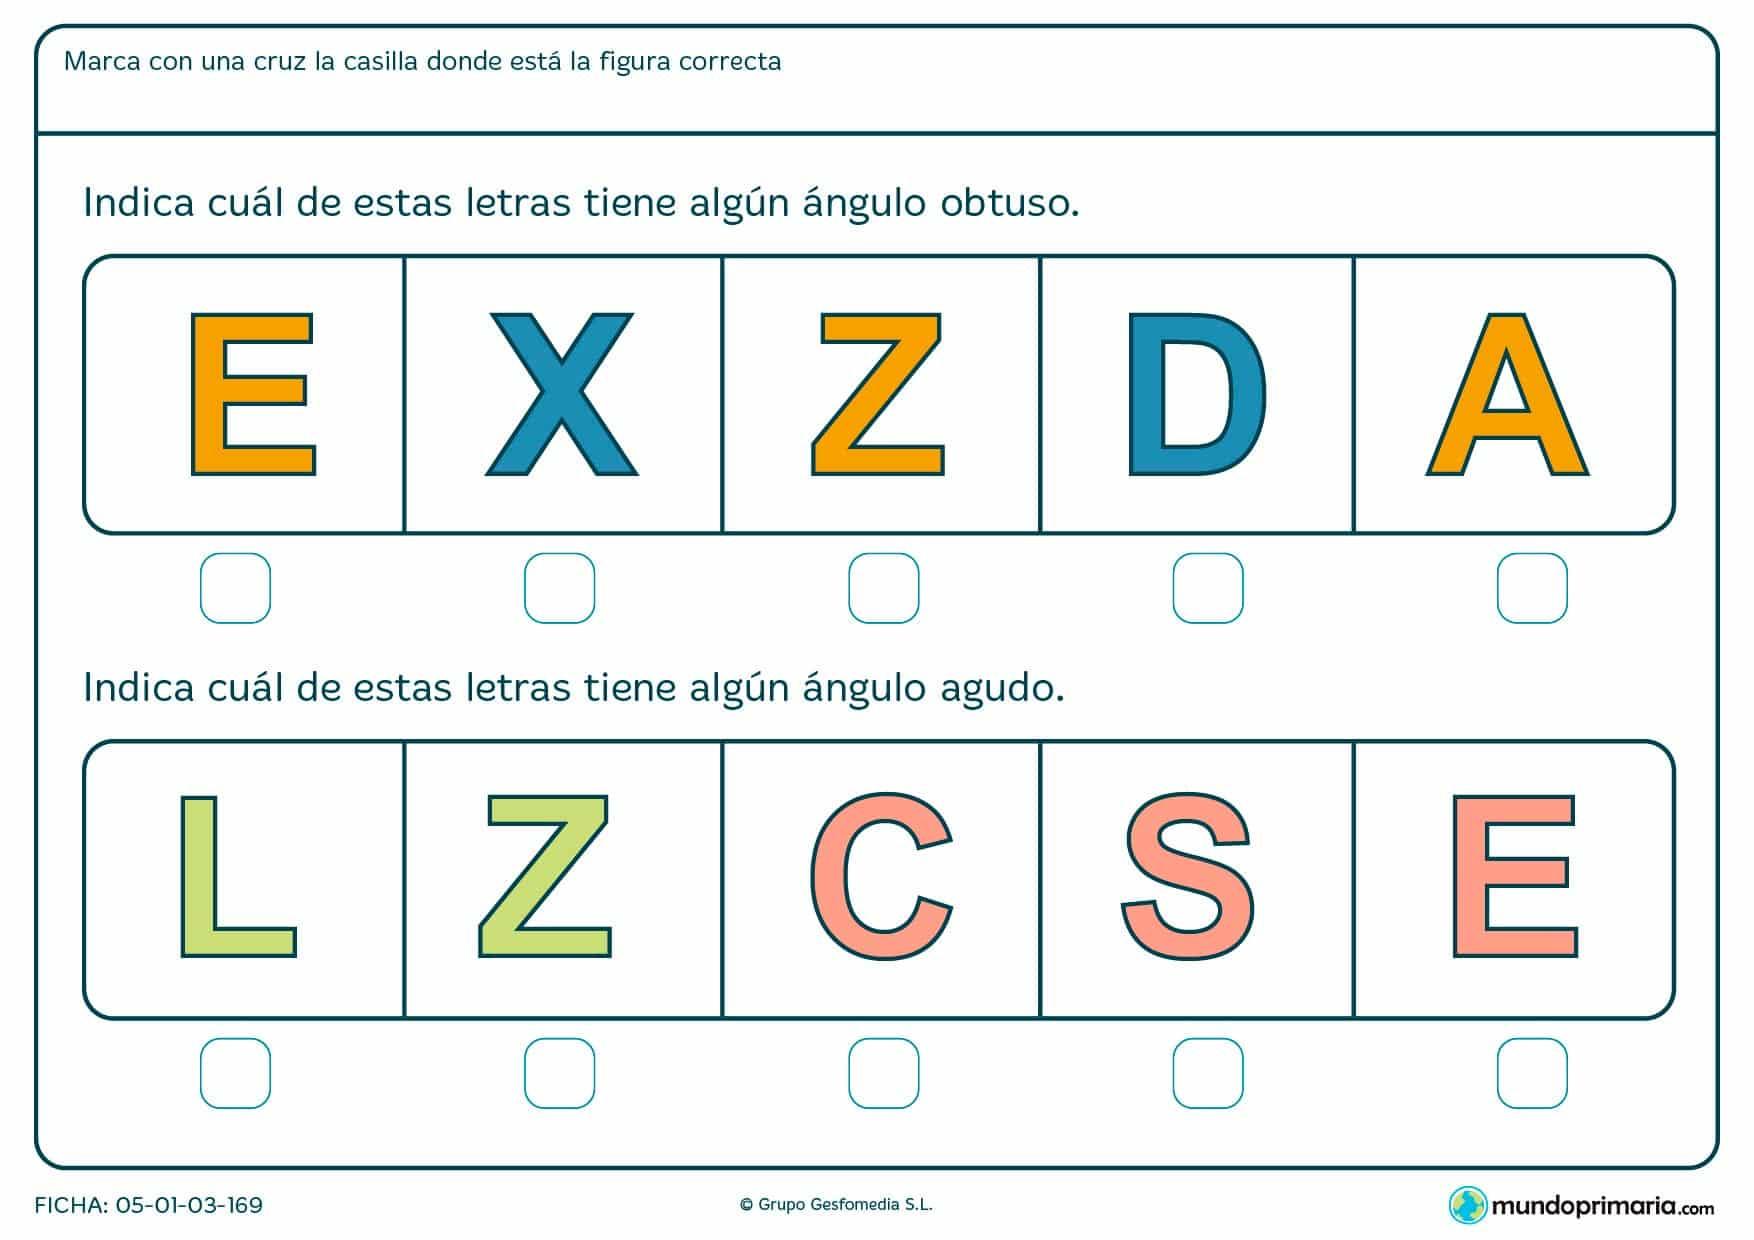 Ficha de el ángulo de las letras mayúsculas en las que tendrás que identificar los ángulos que forman.